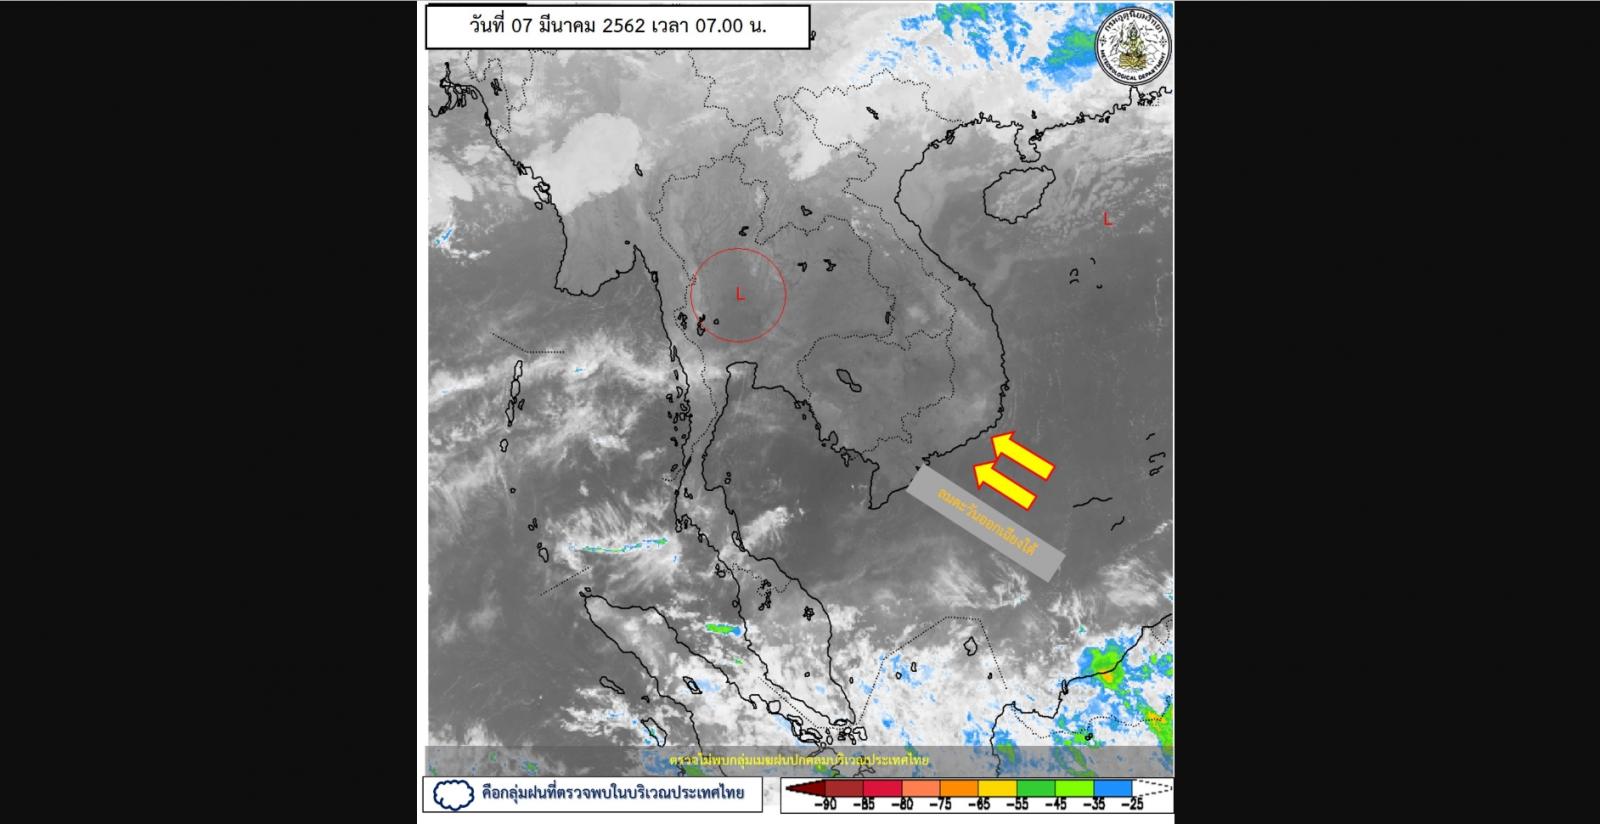 กรมอุตุฯ เตือน ตะวันออก-เหนือ ฝนตกบางแห่ง กทม.ร้อนในตอนกลางวัน